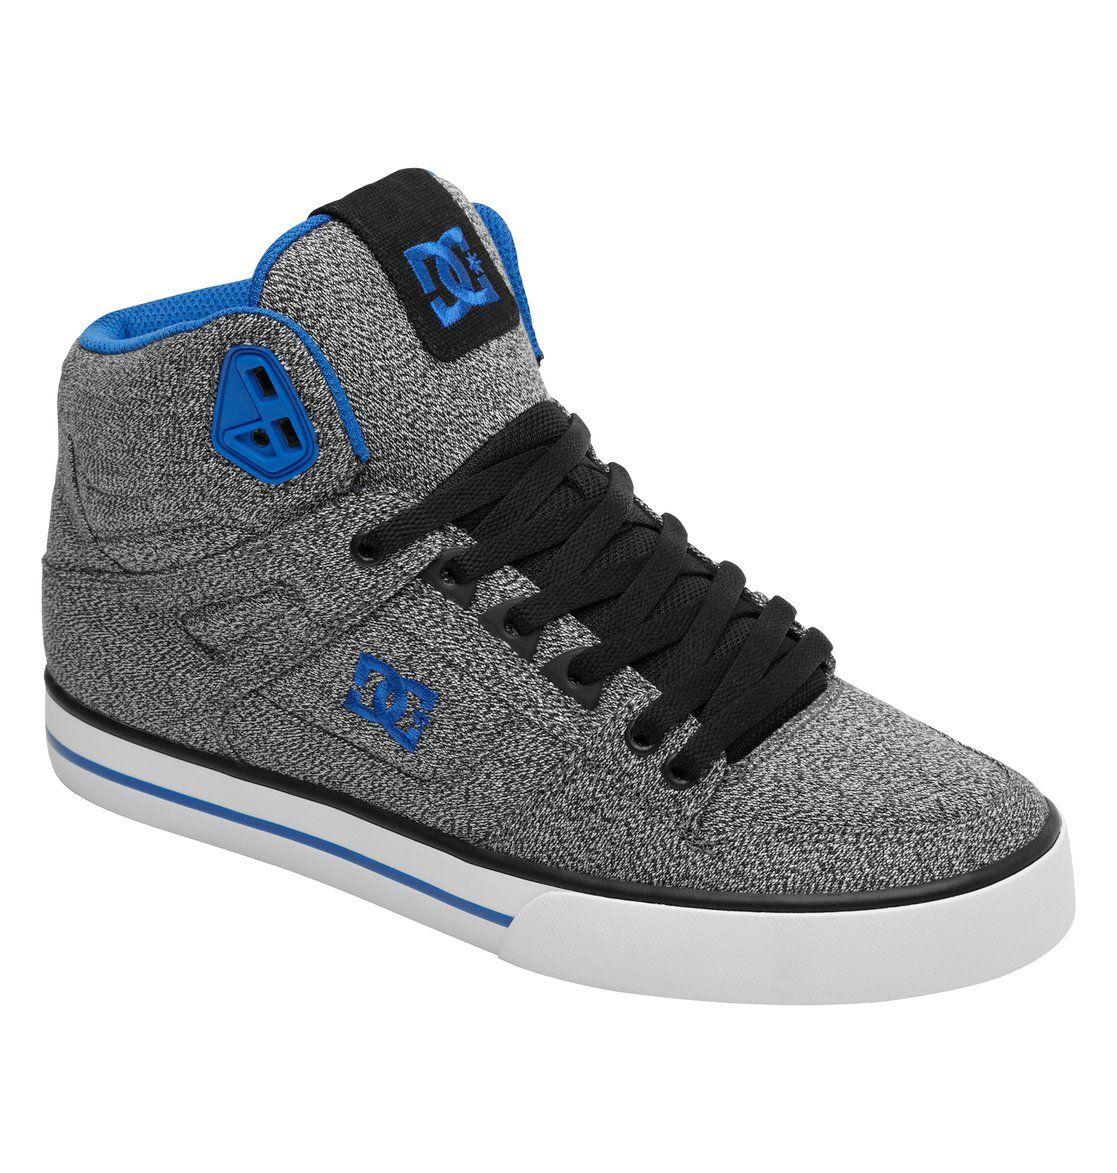 dcshoes Spartan High Wc Tx Se ADYS400004 - DC Shoes   kicks   Shoes ... ae7a47cdd435